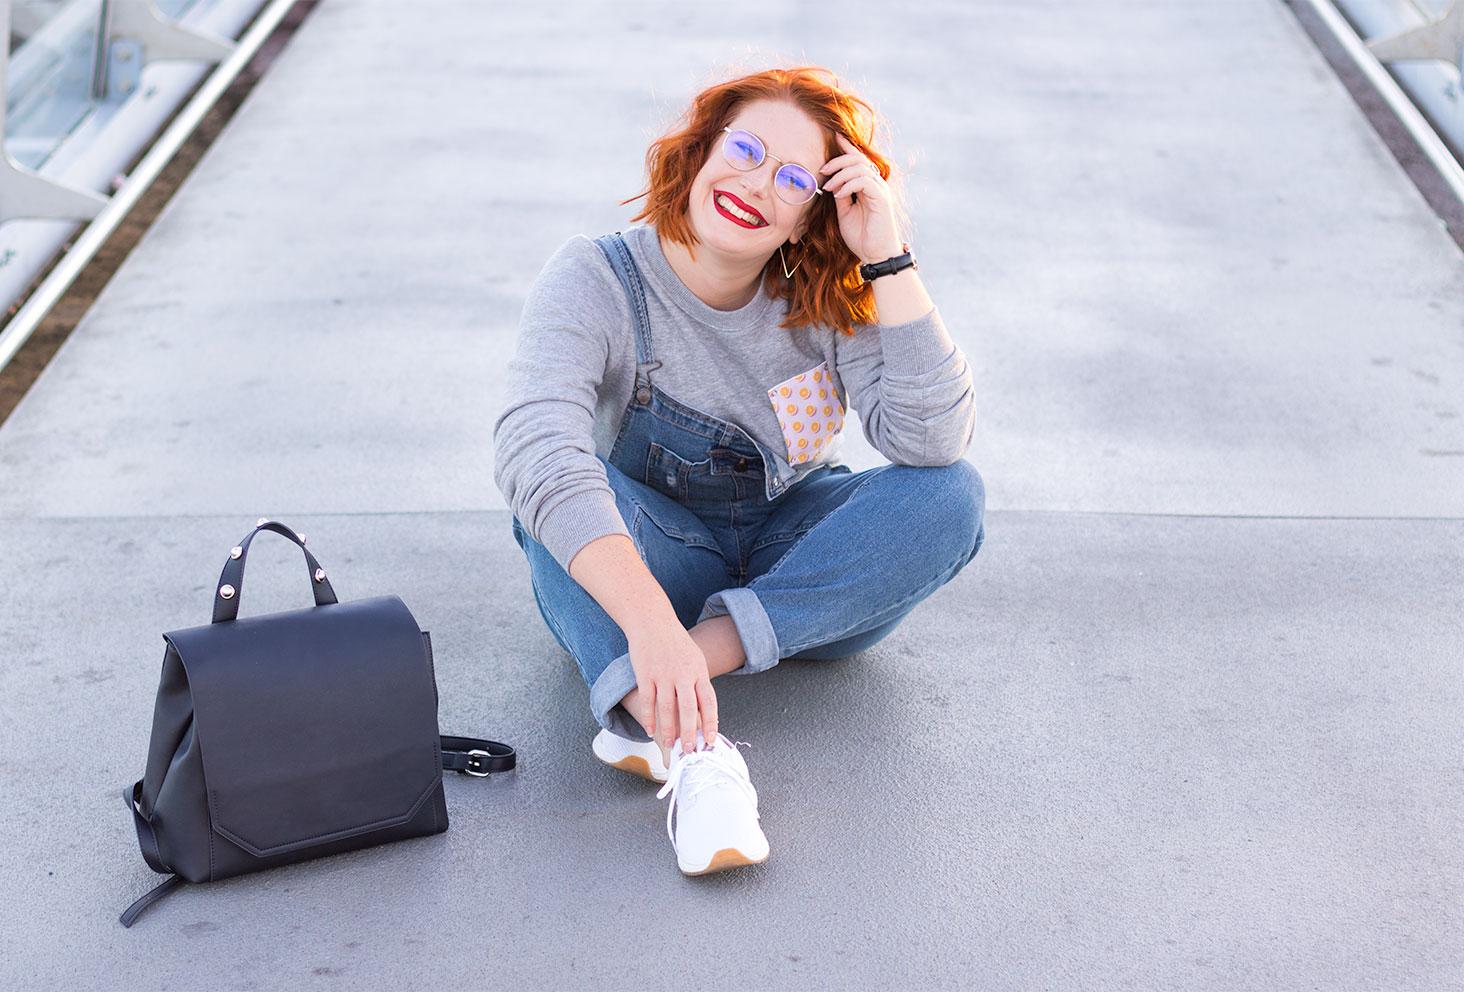 Assise par terre en look street au milieu d'une passerelle, avec le sac à dos noir posé à côté